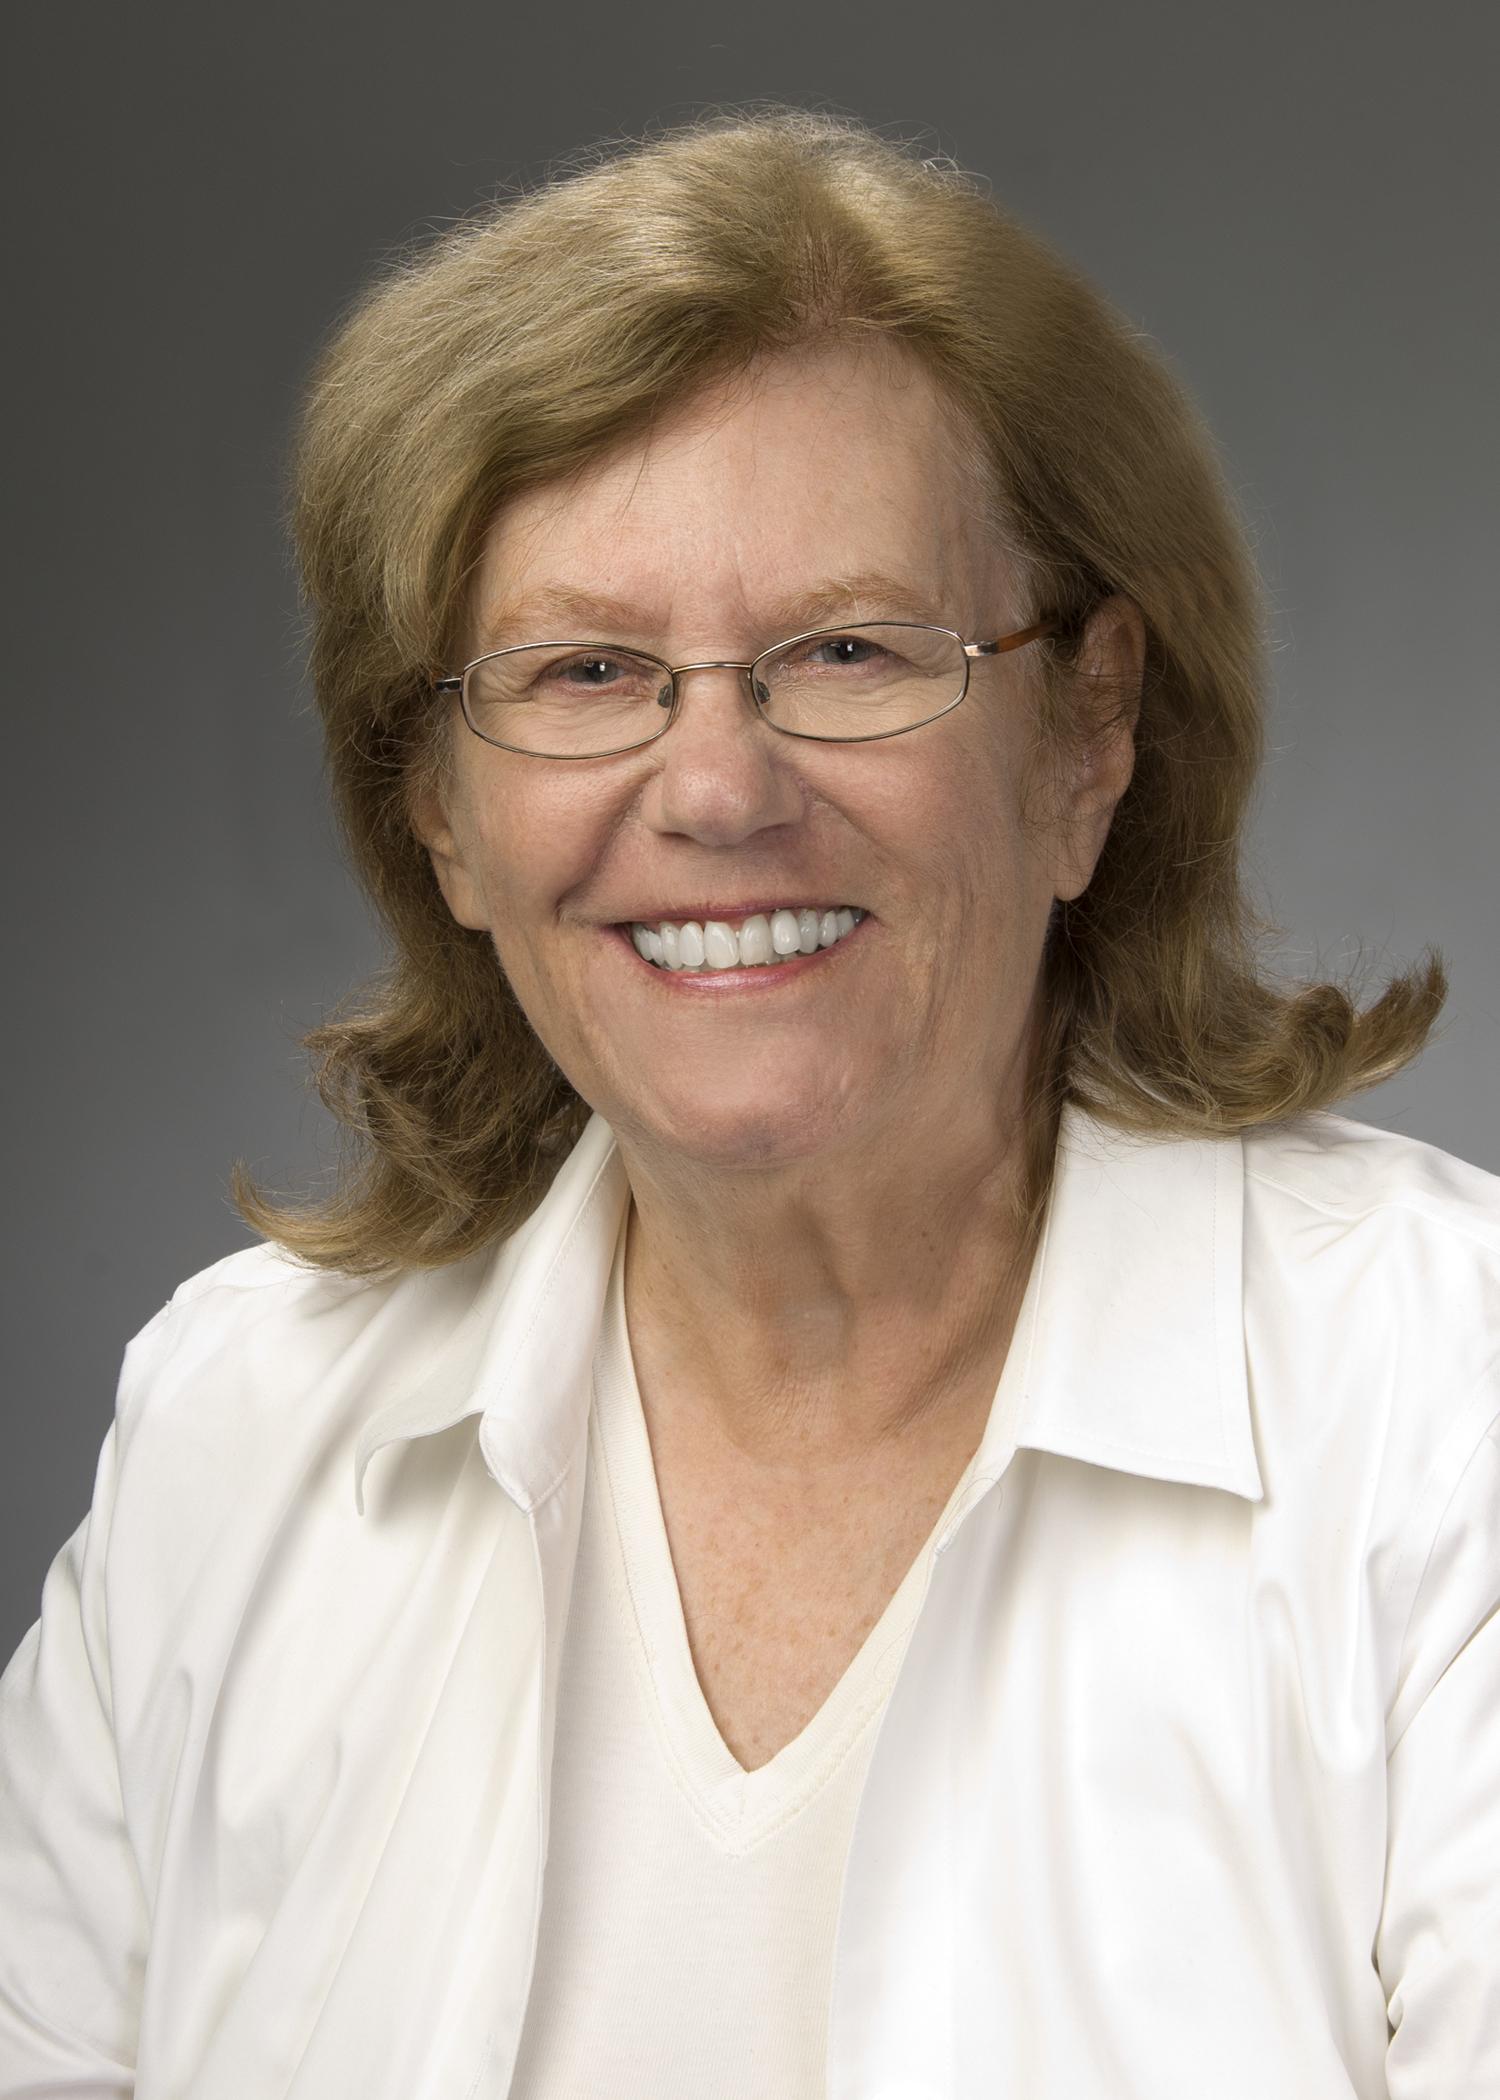 Ann Seren